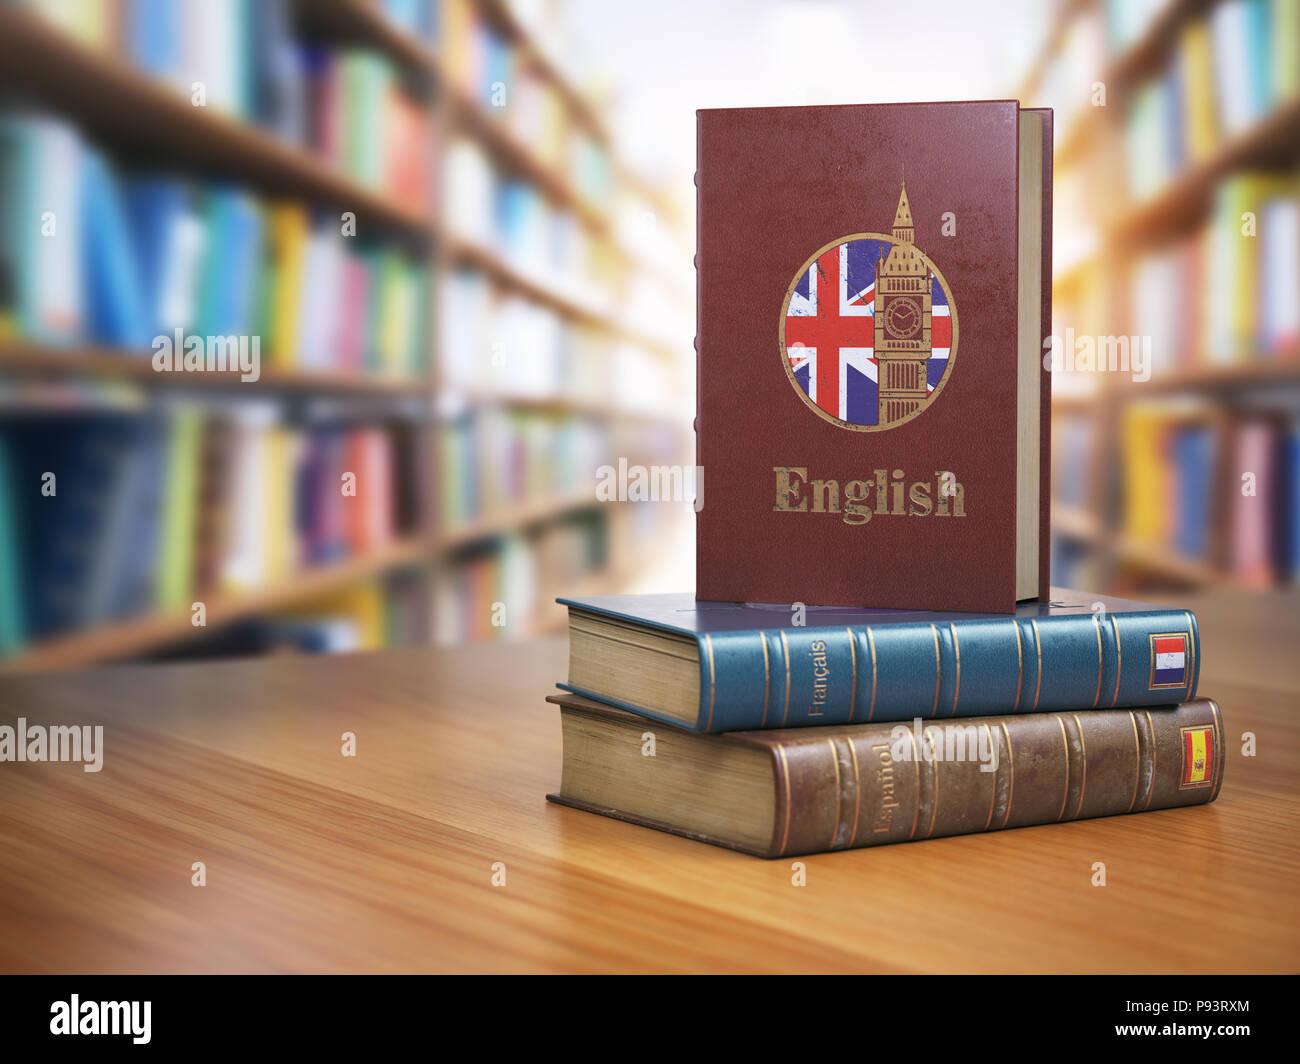 Apprendre L Anglais Gratuit Dictionnaire Francais Anglais